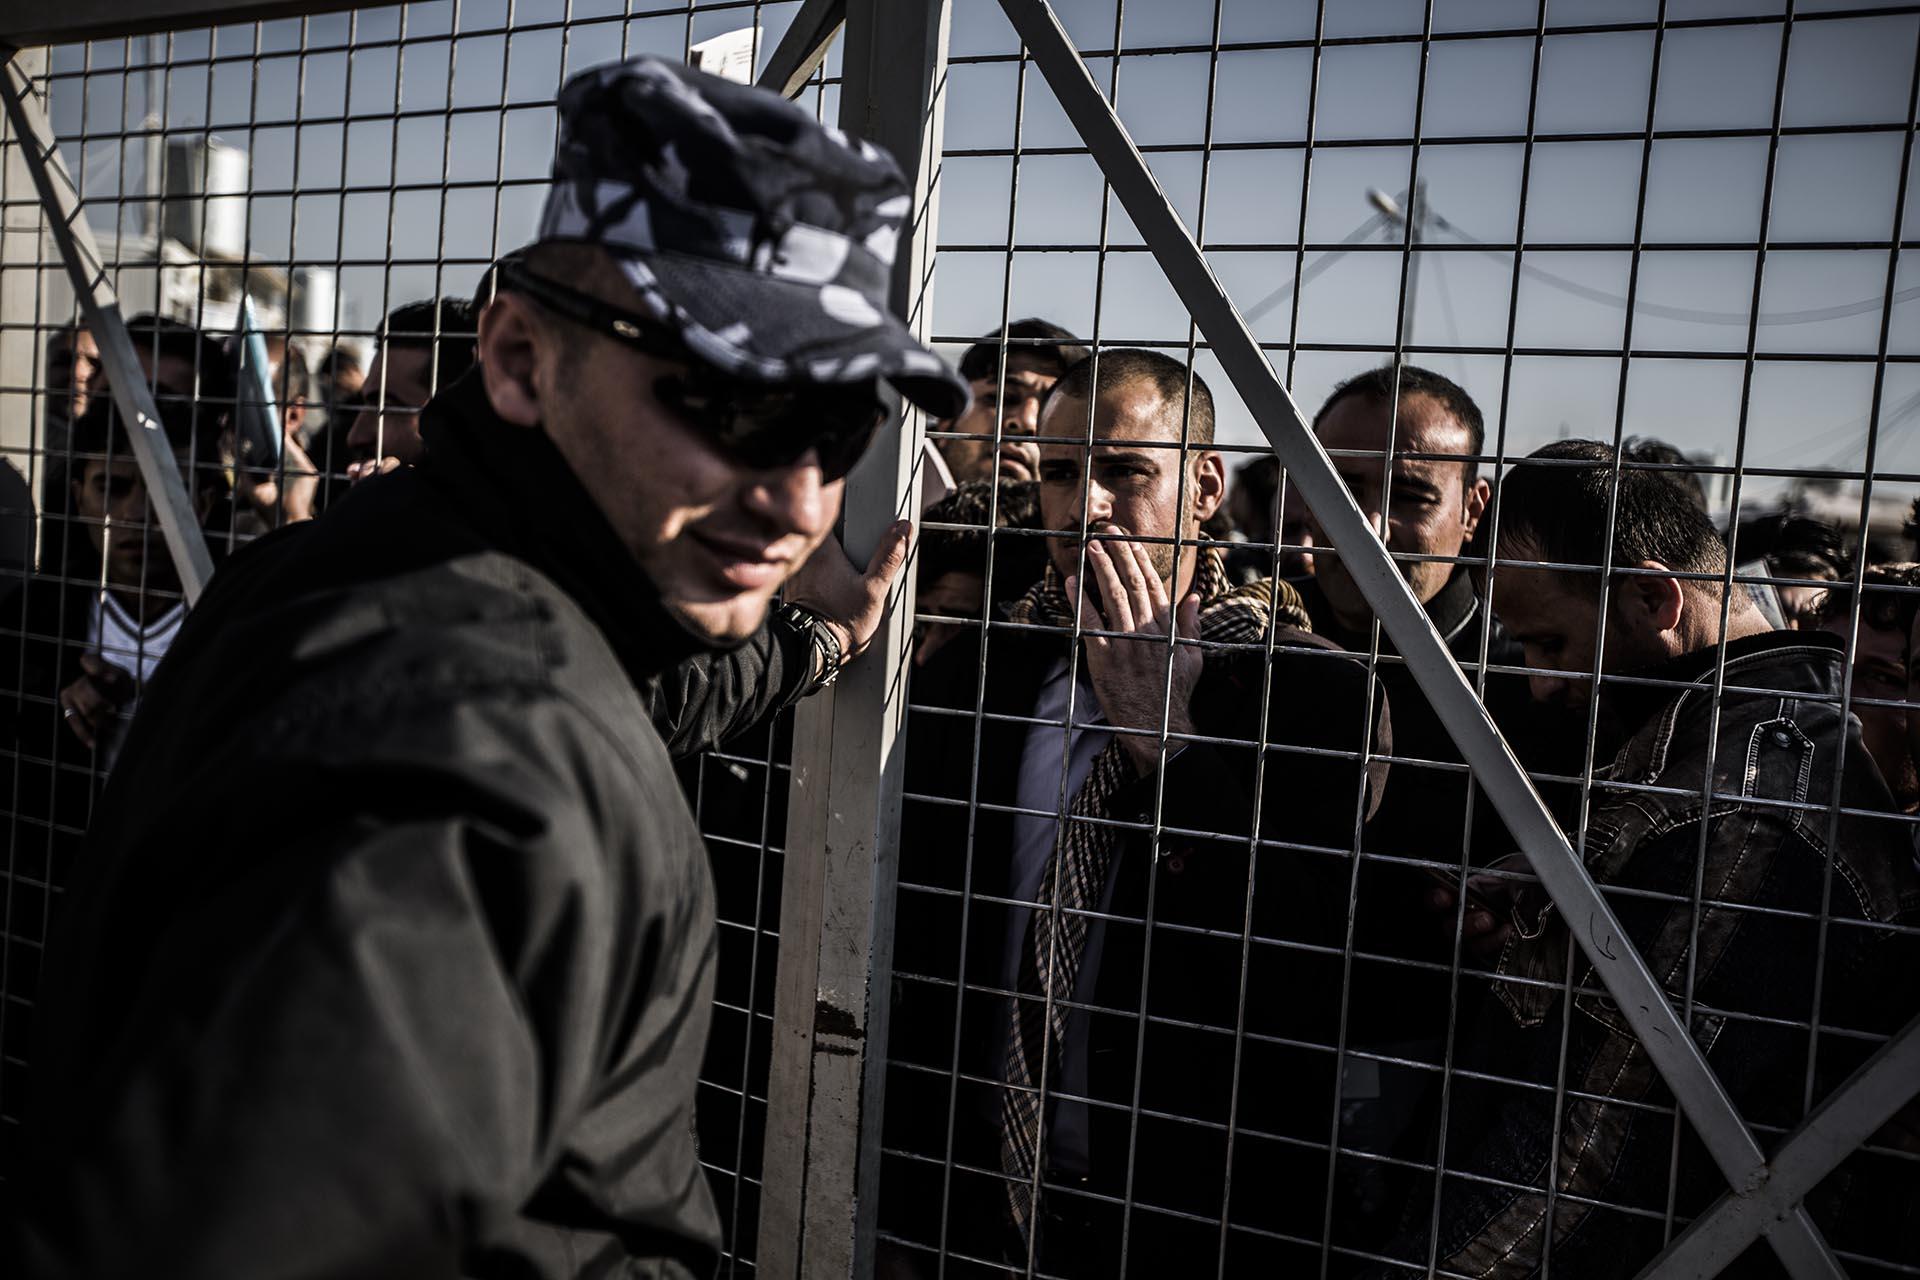 Cientos de hombres esperan cada día durante horas los permisos para acceder a un puesto de trabajo en el campo de refugiados (Pablo Cobos)